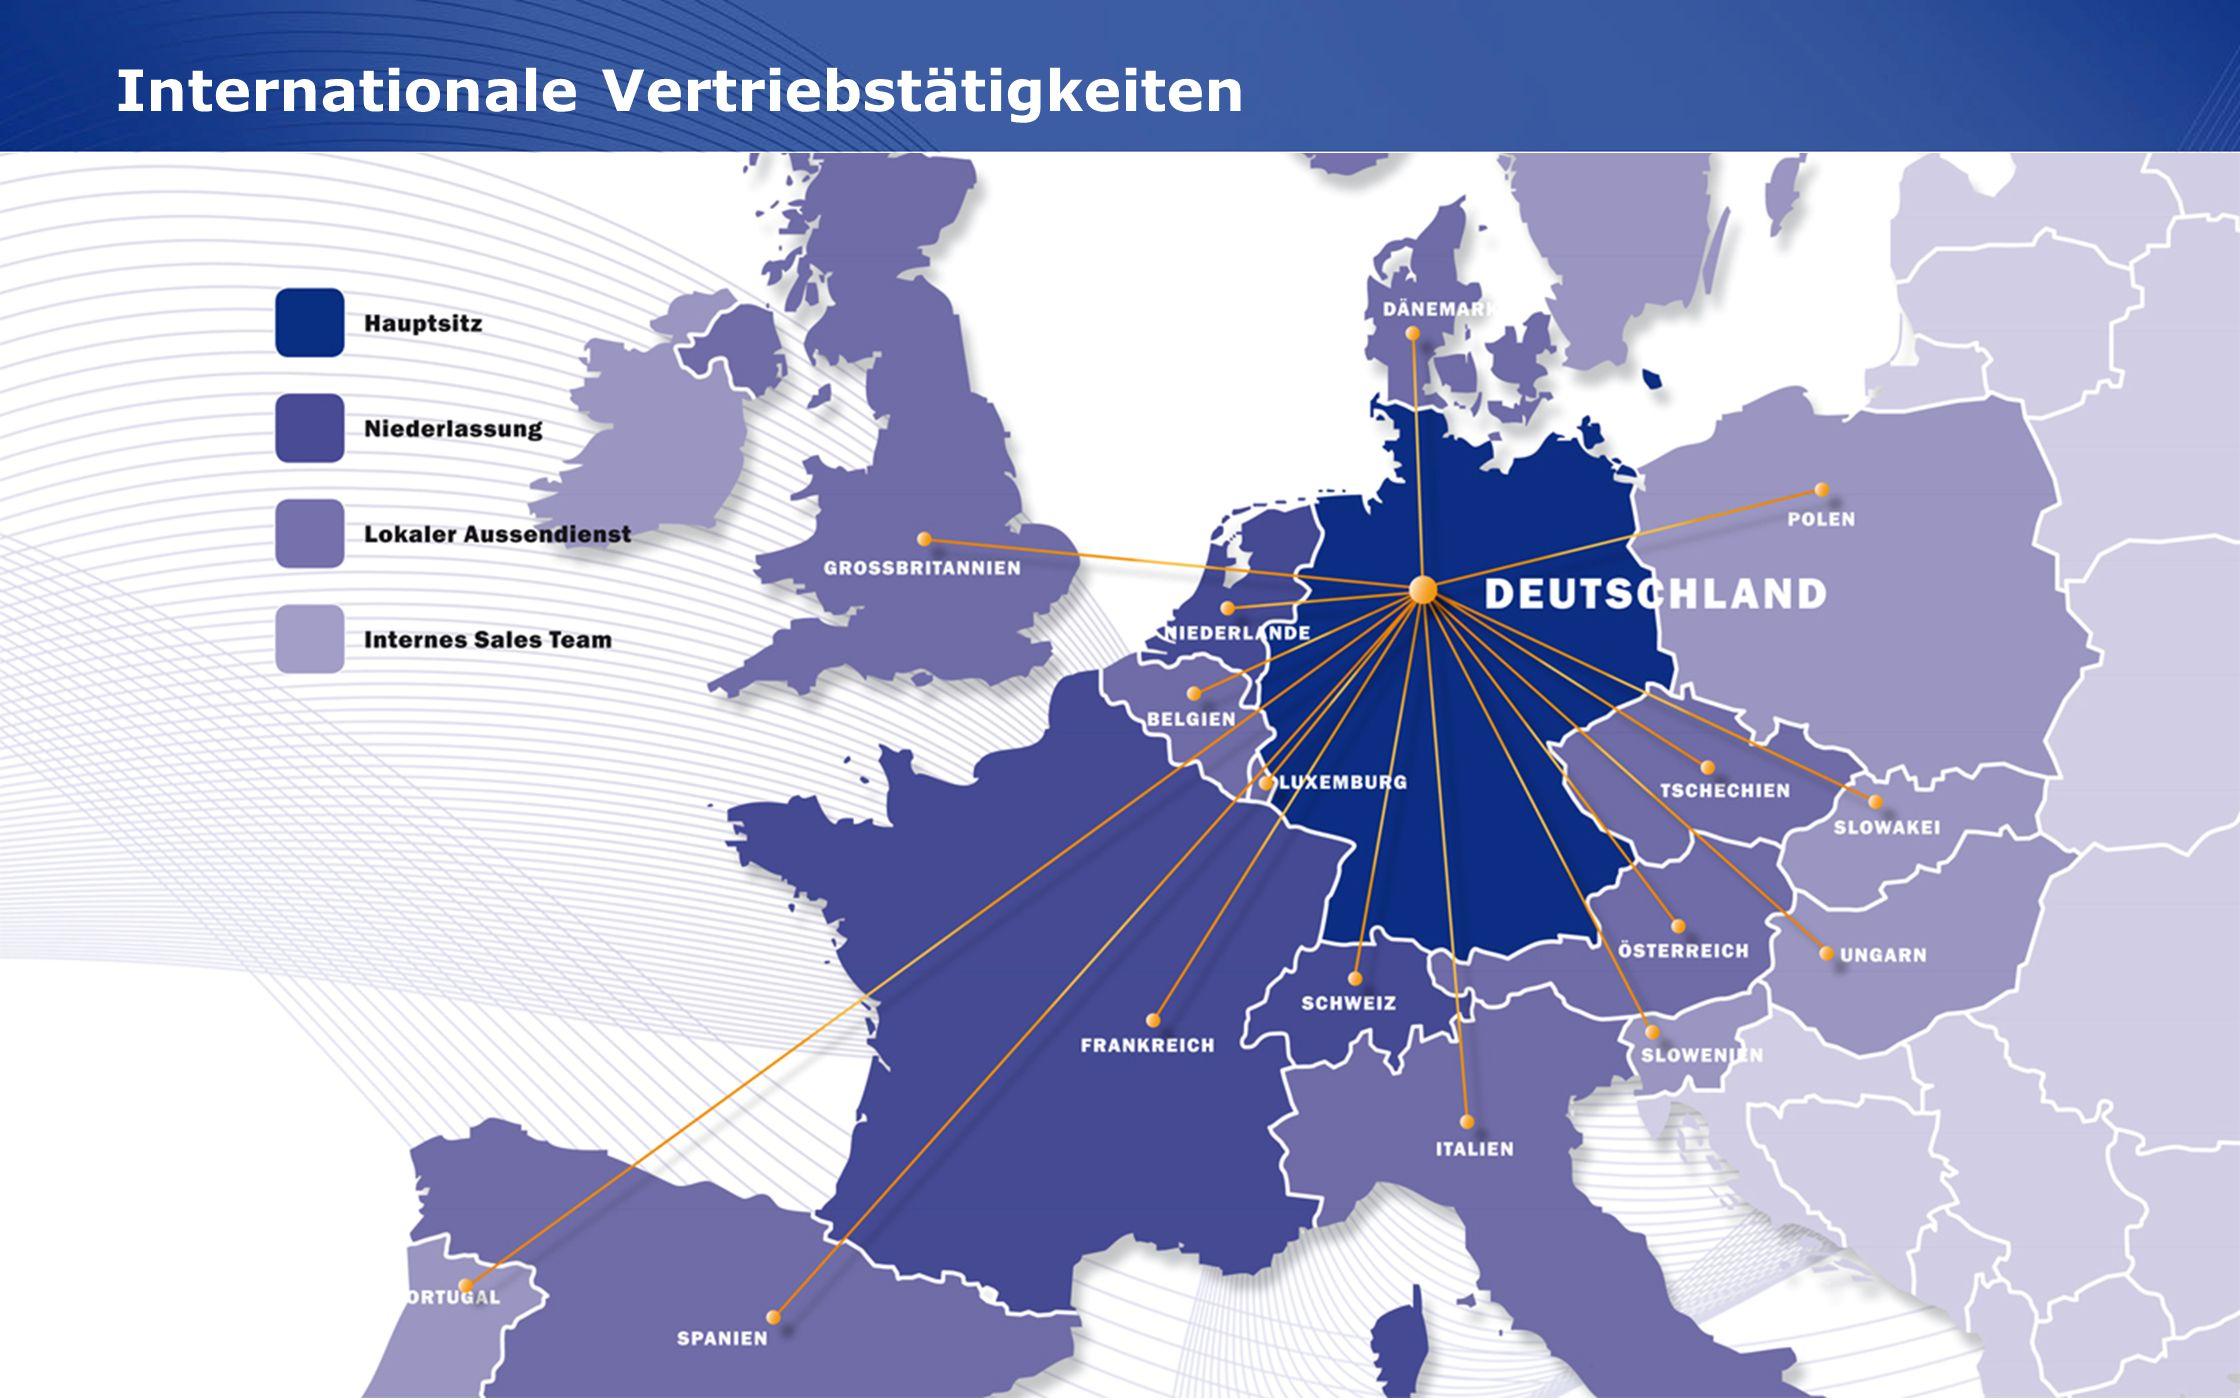 www.wortmann.de Im- und Export als KernkompetenzInternationale Vertriebstätigkeiten